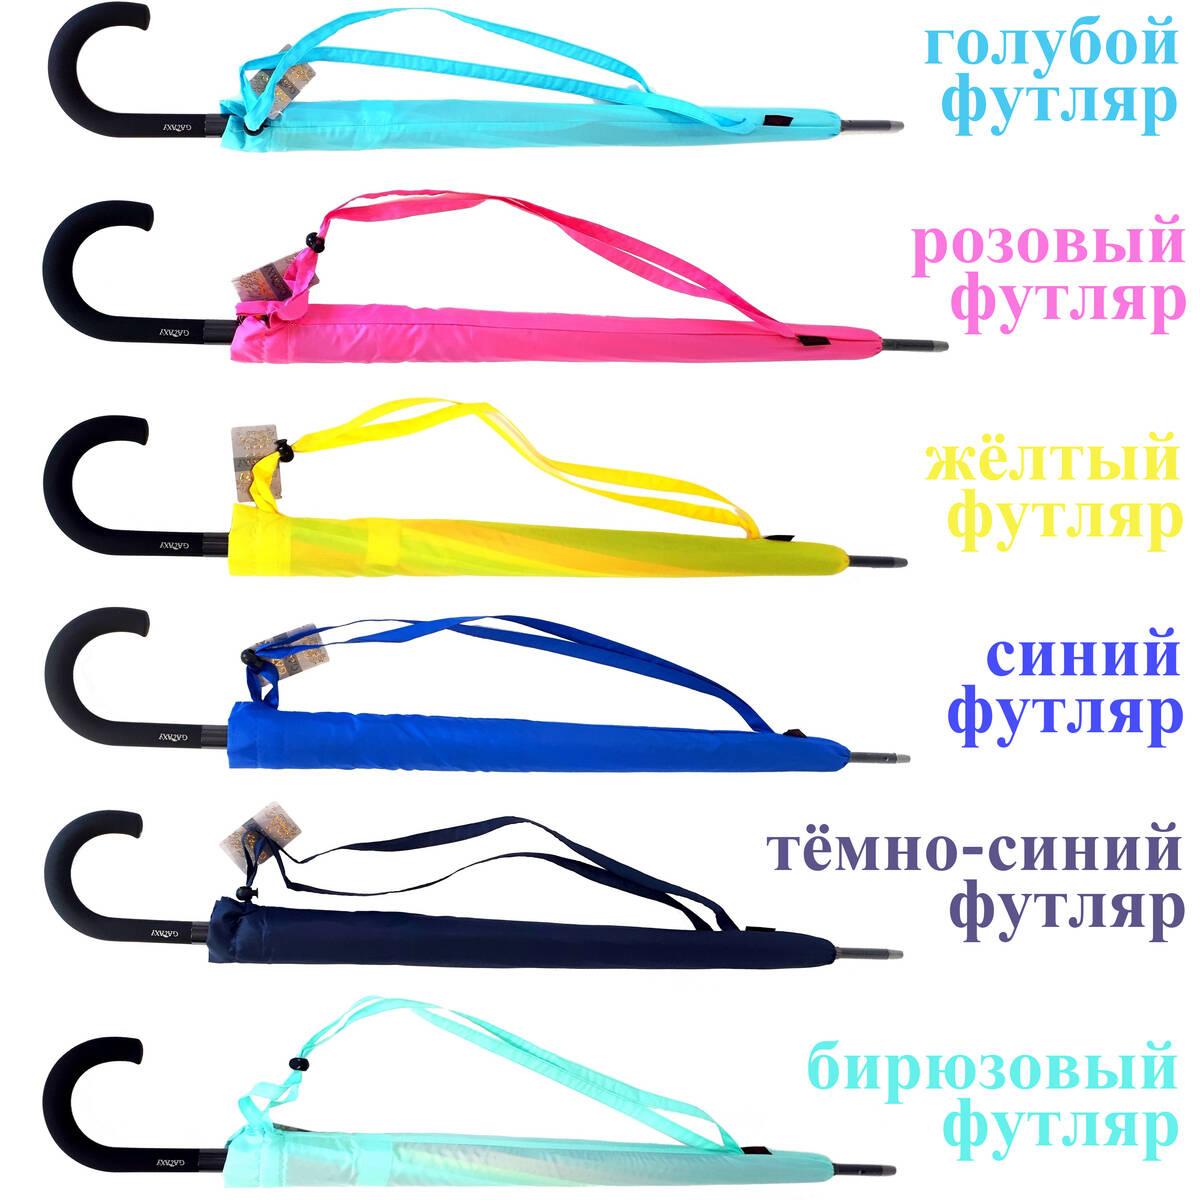 6 вариантов расцветок футляров для зонта радуги